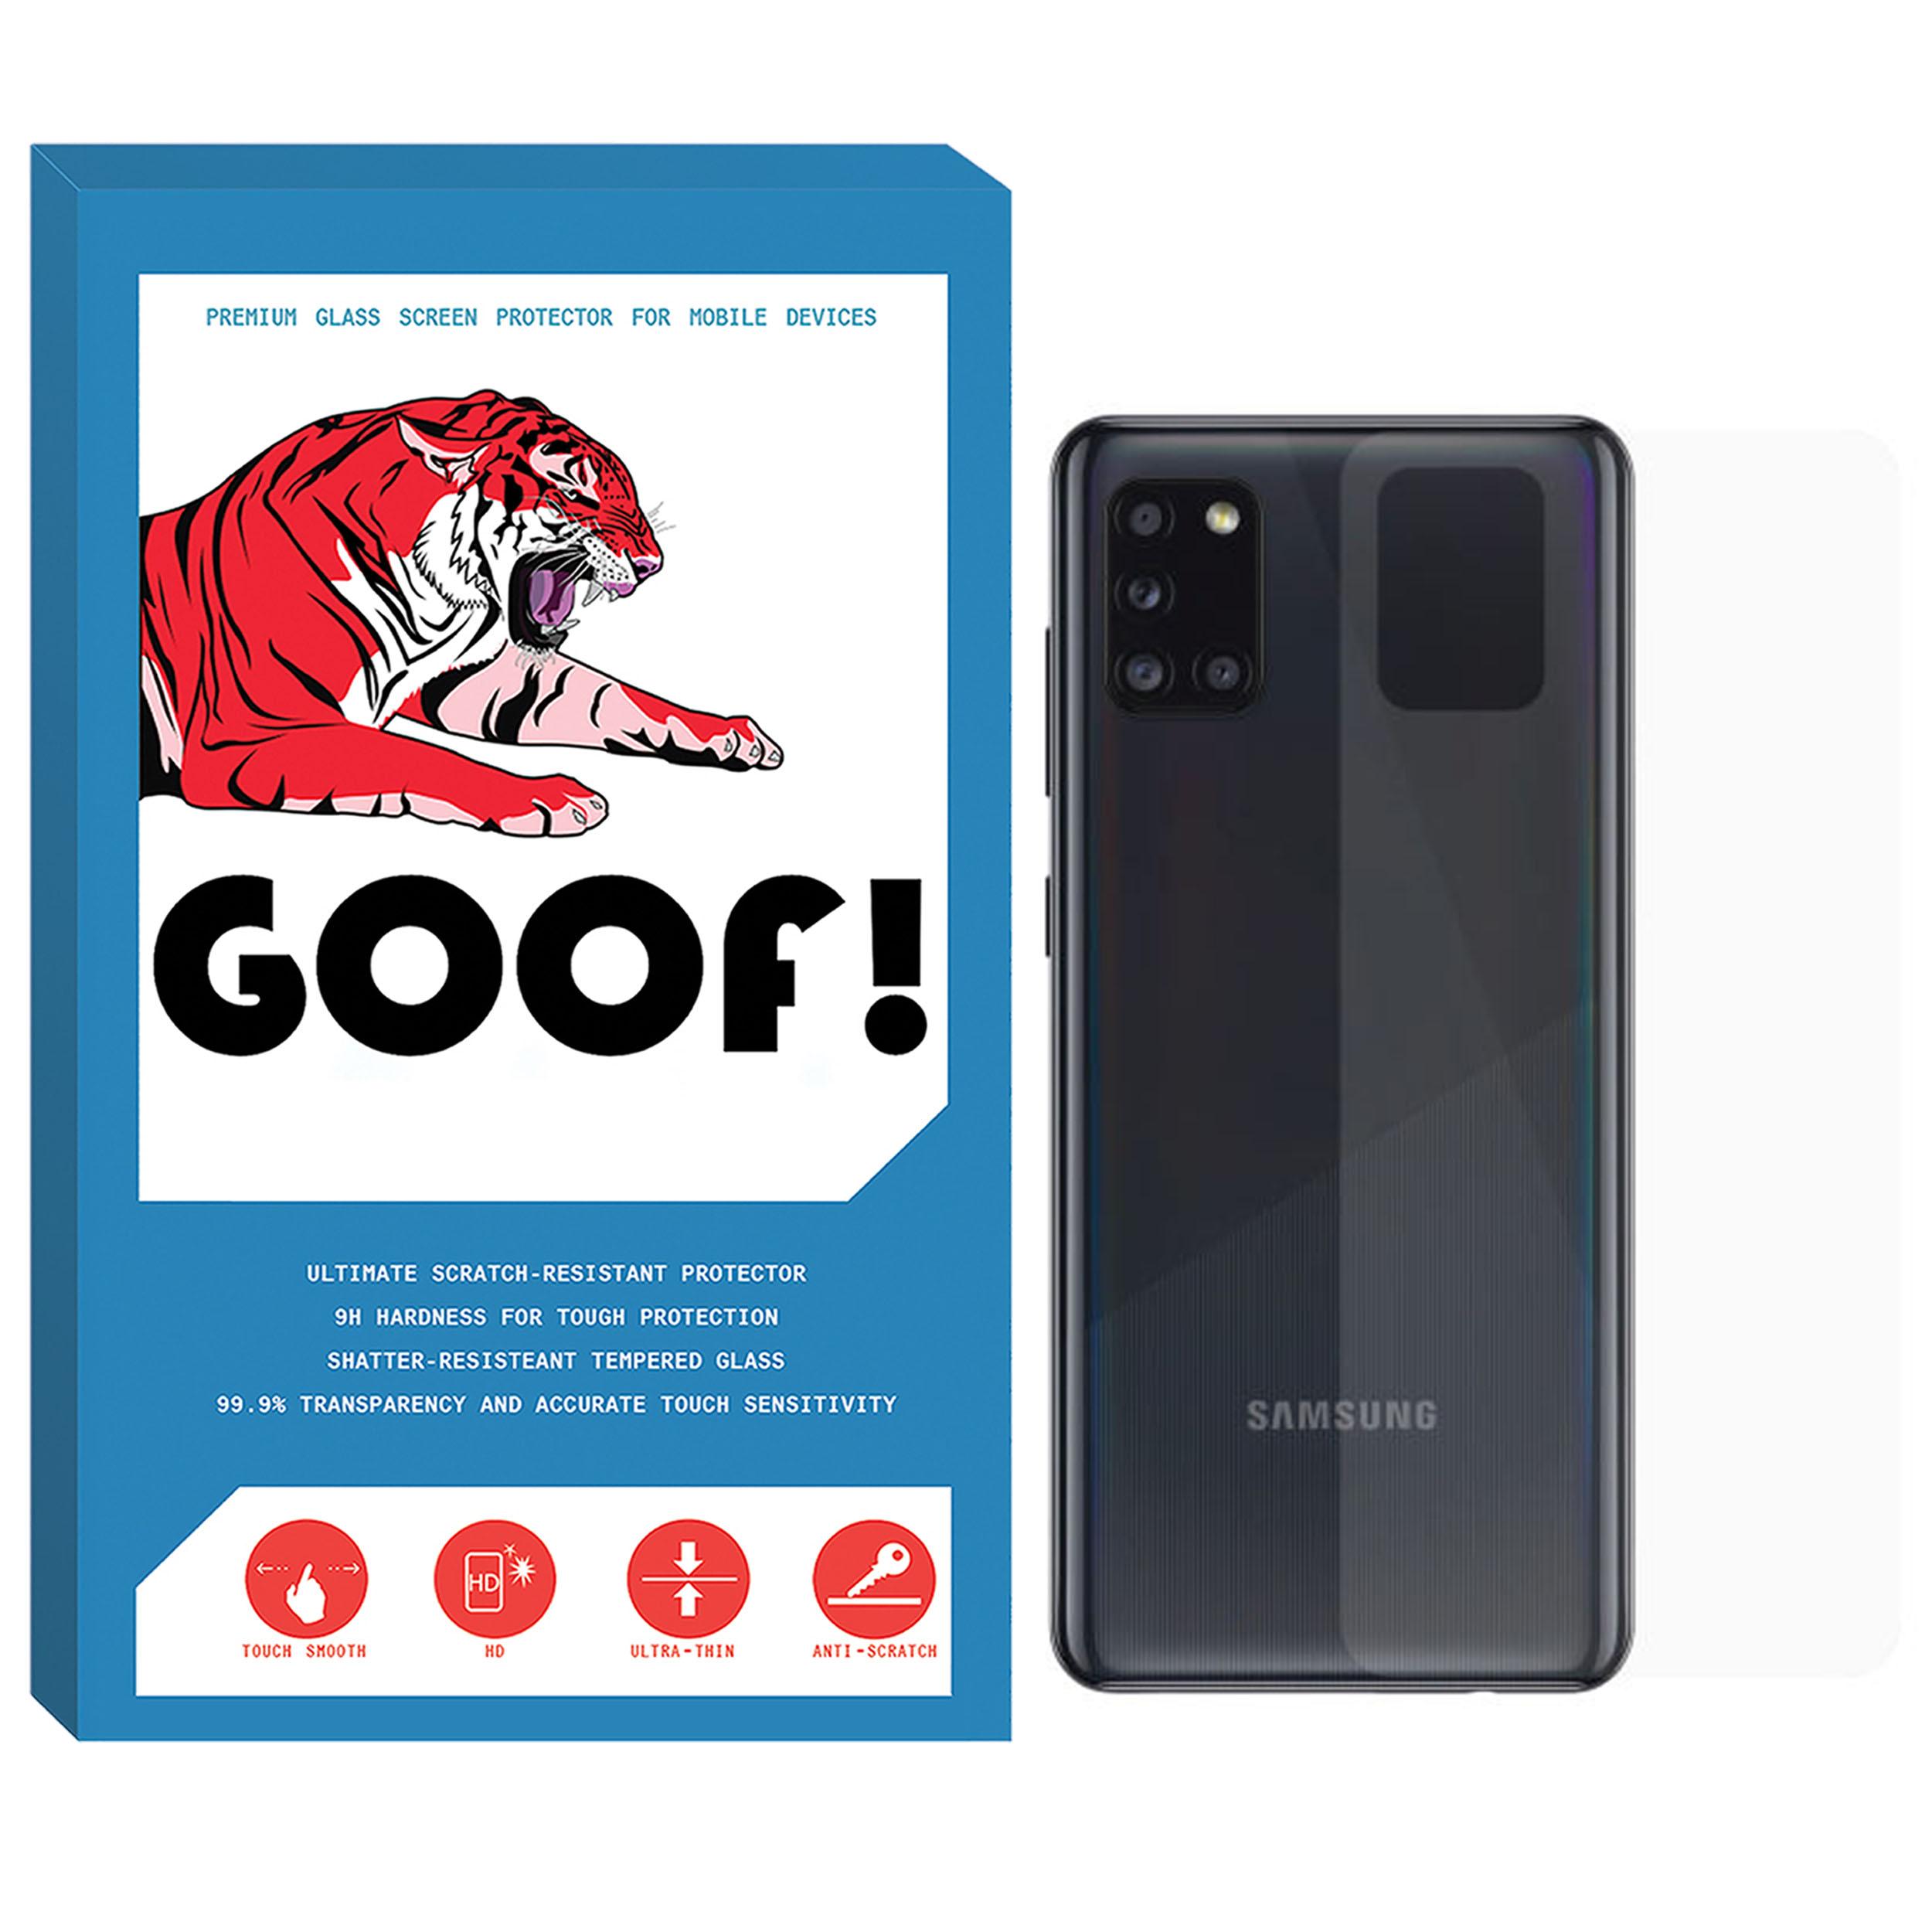 محافظ پشت گوشی گوف مدل TPG-002 مناسب برای گوشی موبایل سامسونگ Galaxy A31